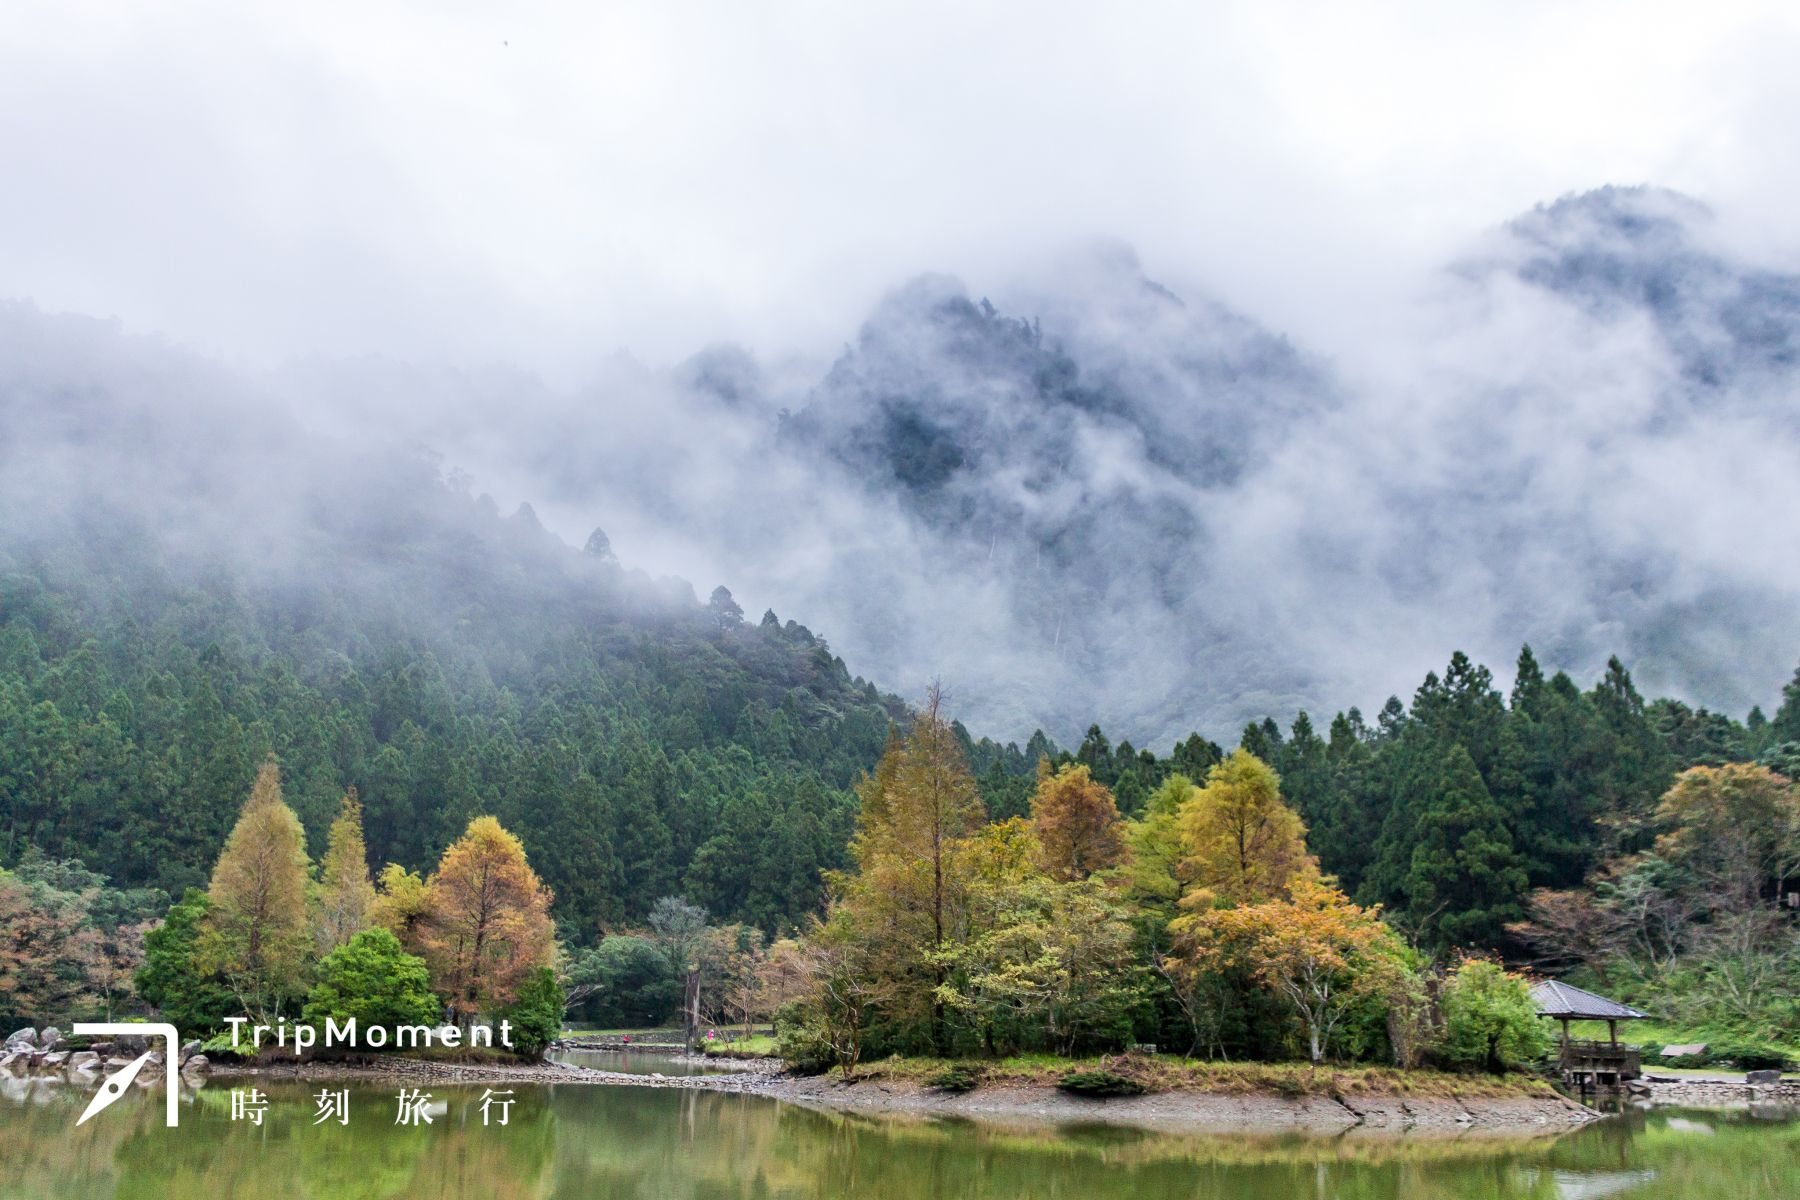 明池森林遊樂區裡的明池,又稱池端,再響亮一點名字是北橫明珠。